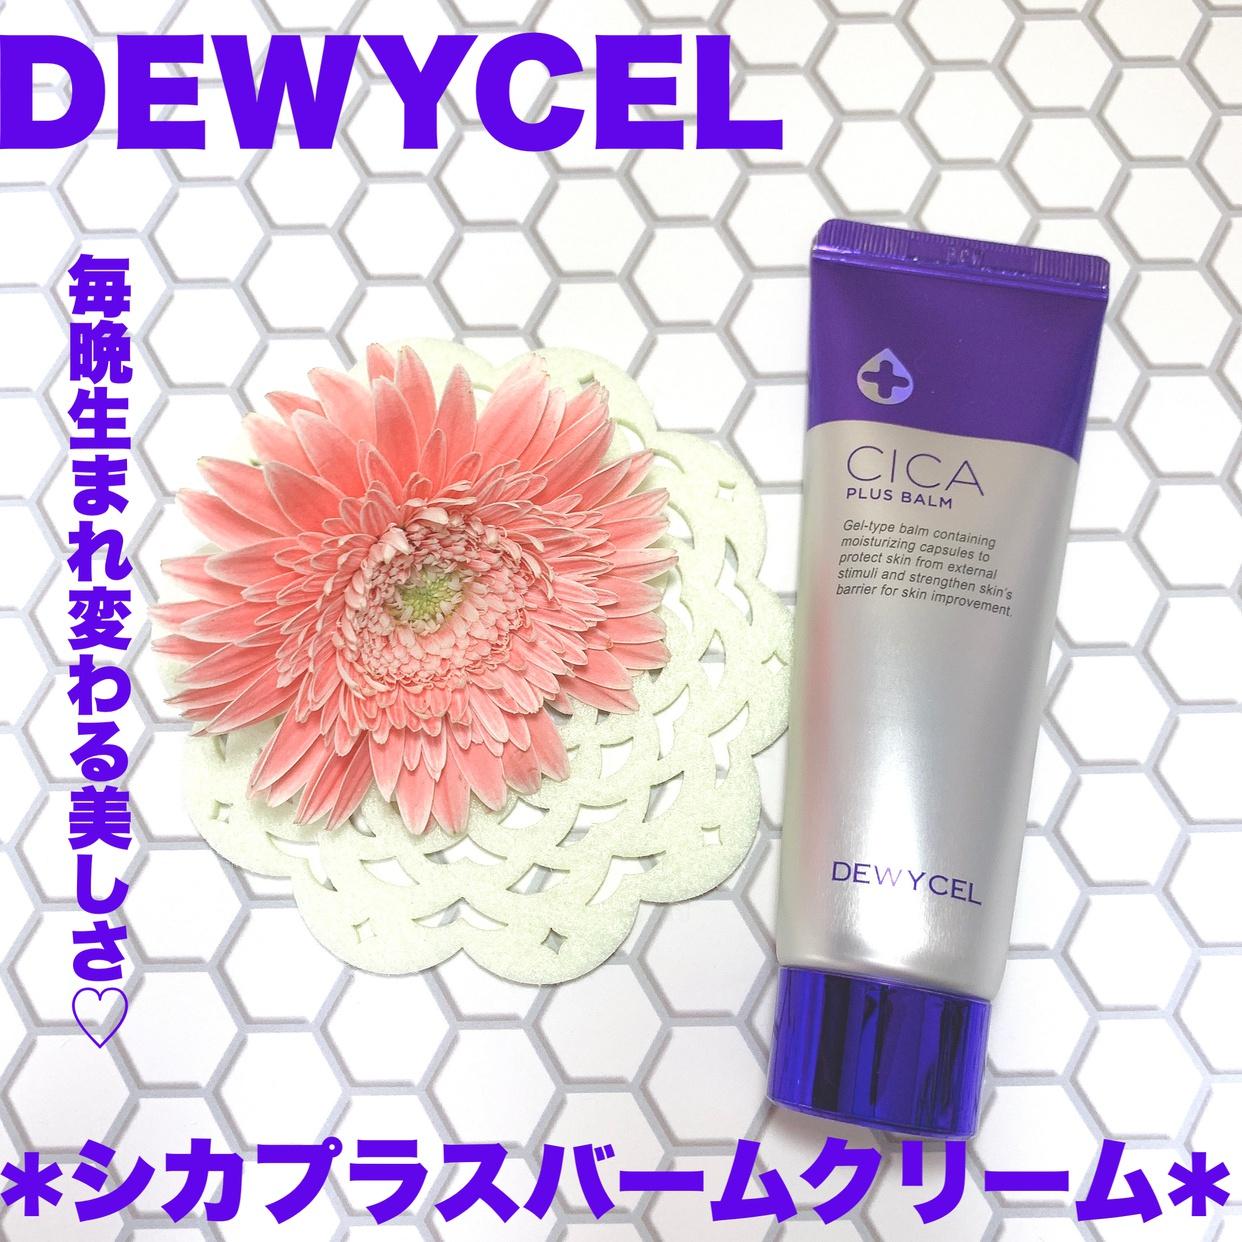 DEWYCEL(デュイセル) シカプラス バームクリームを使ったkana_cafe_timeさんのクチコミ画像1